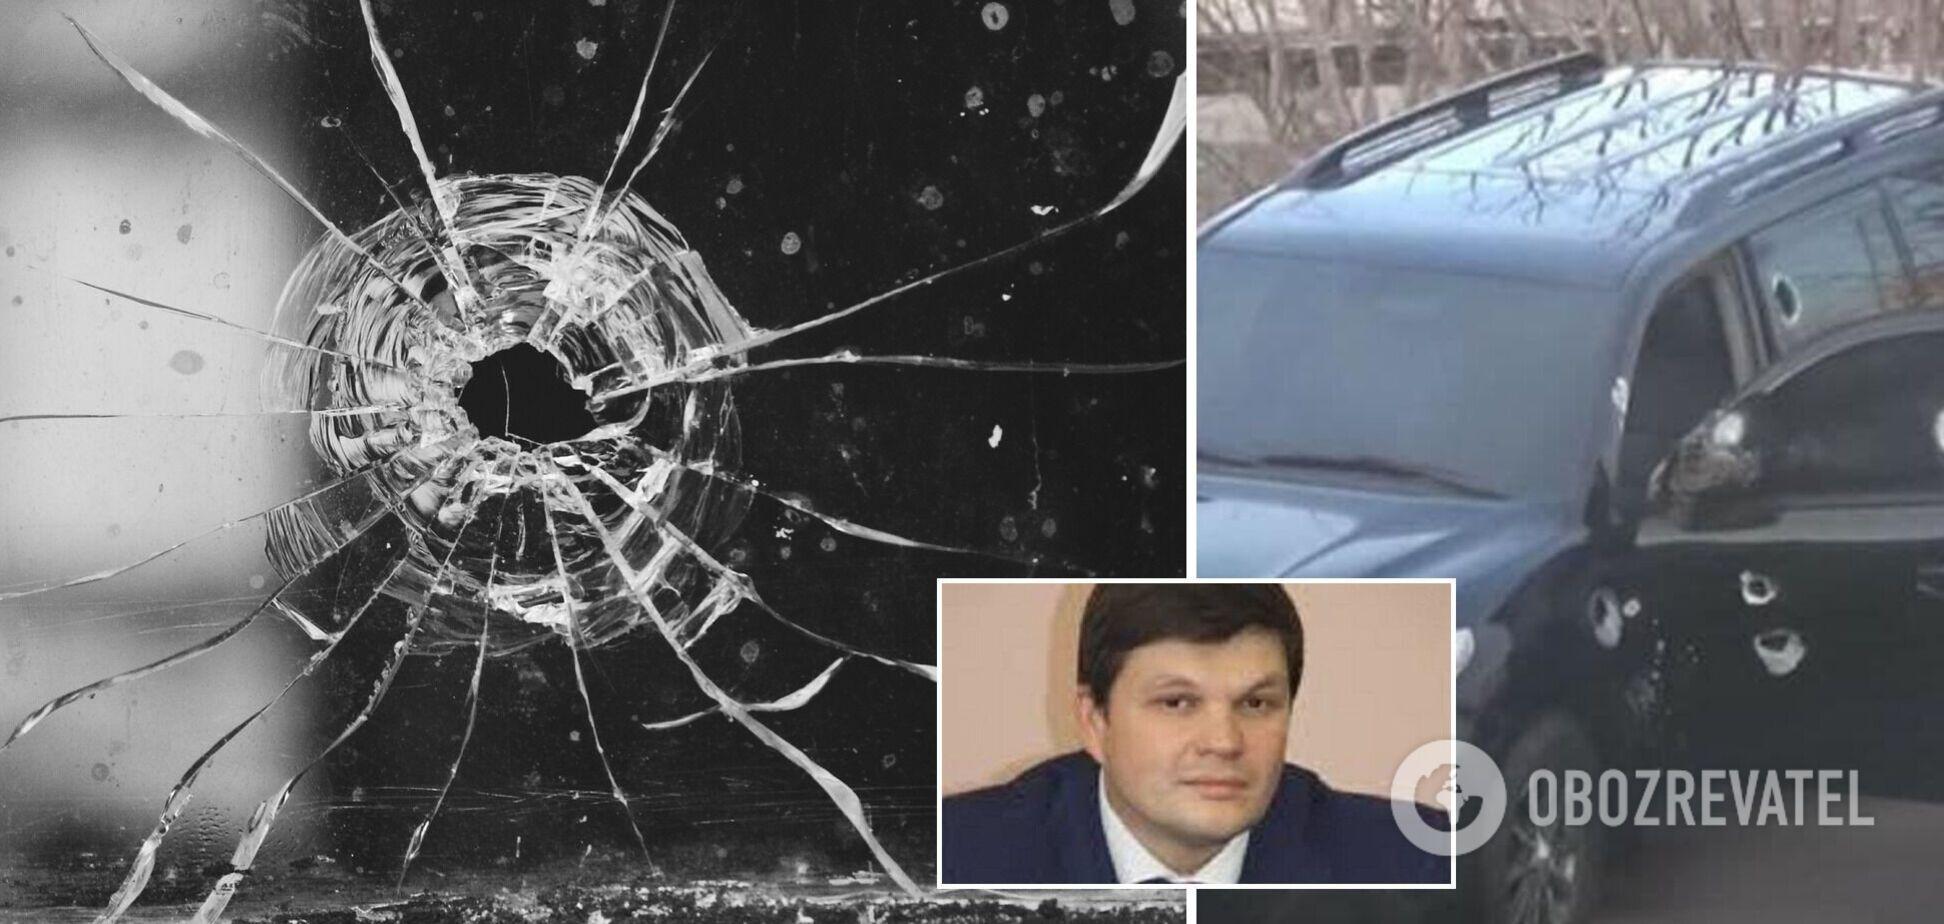 У Ростові обстріляли авто СБУвця часів Януковича: ЗМІ опублікували фото